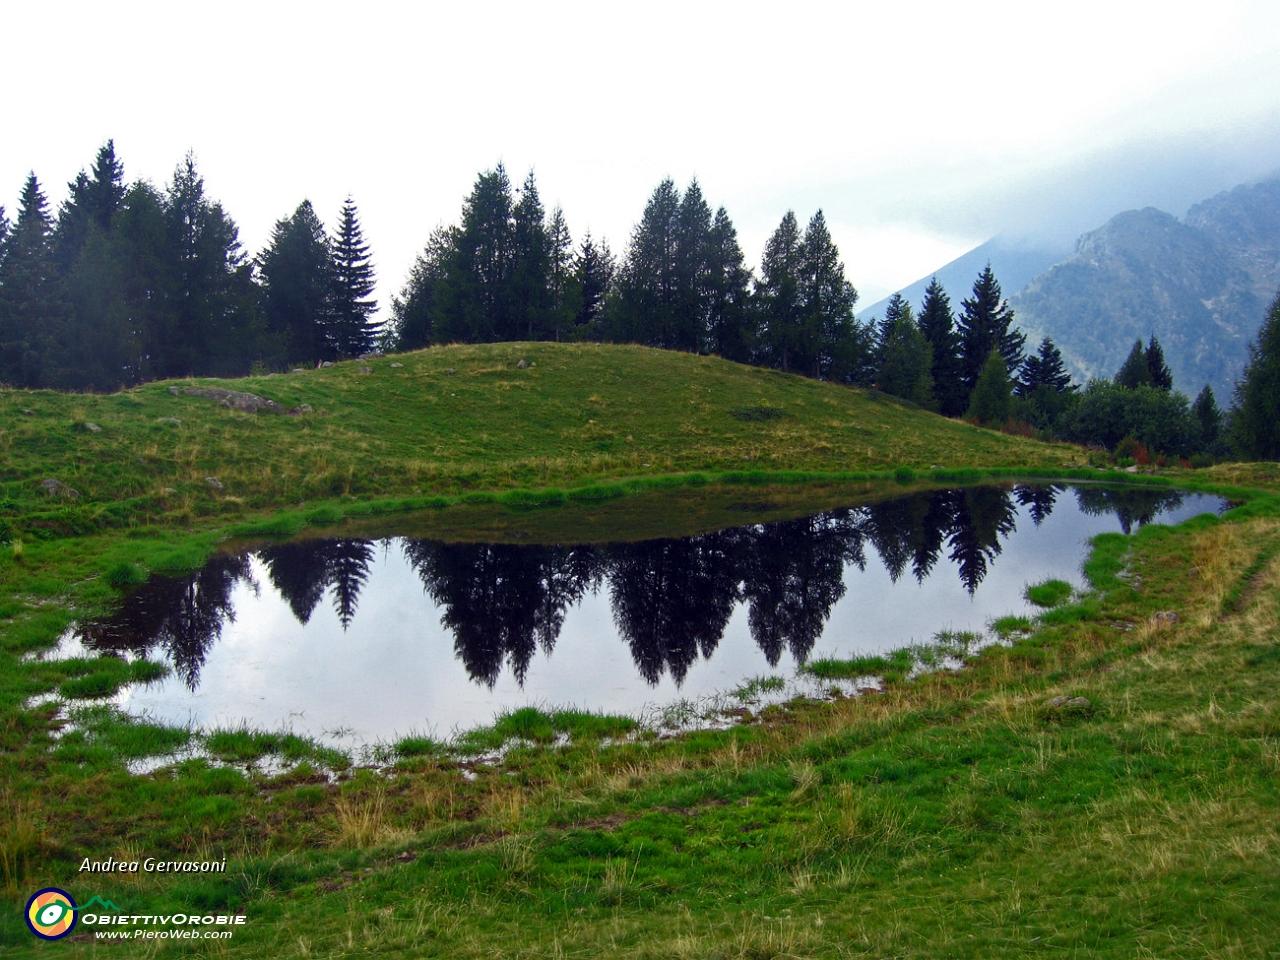 Piani dell 39 avaro laghetti di ponteranica 14 agosto for Specchio d acqua architettura